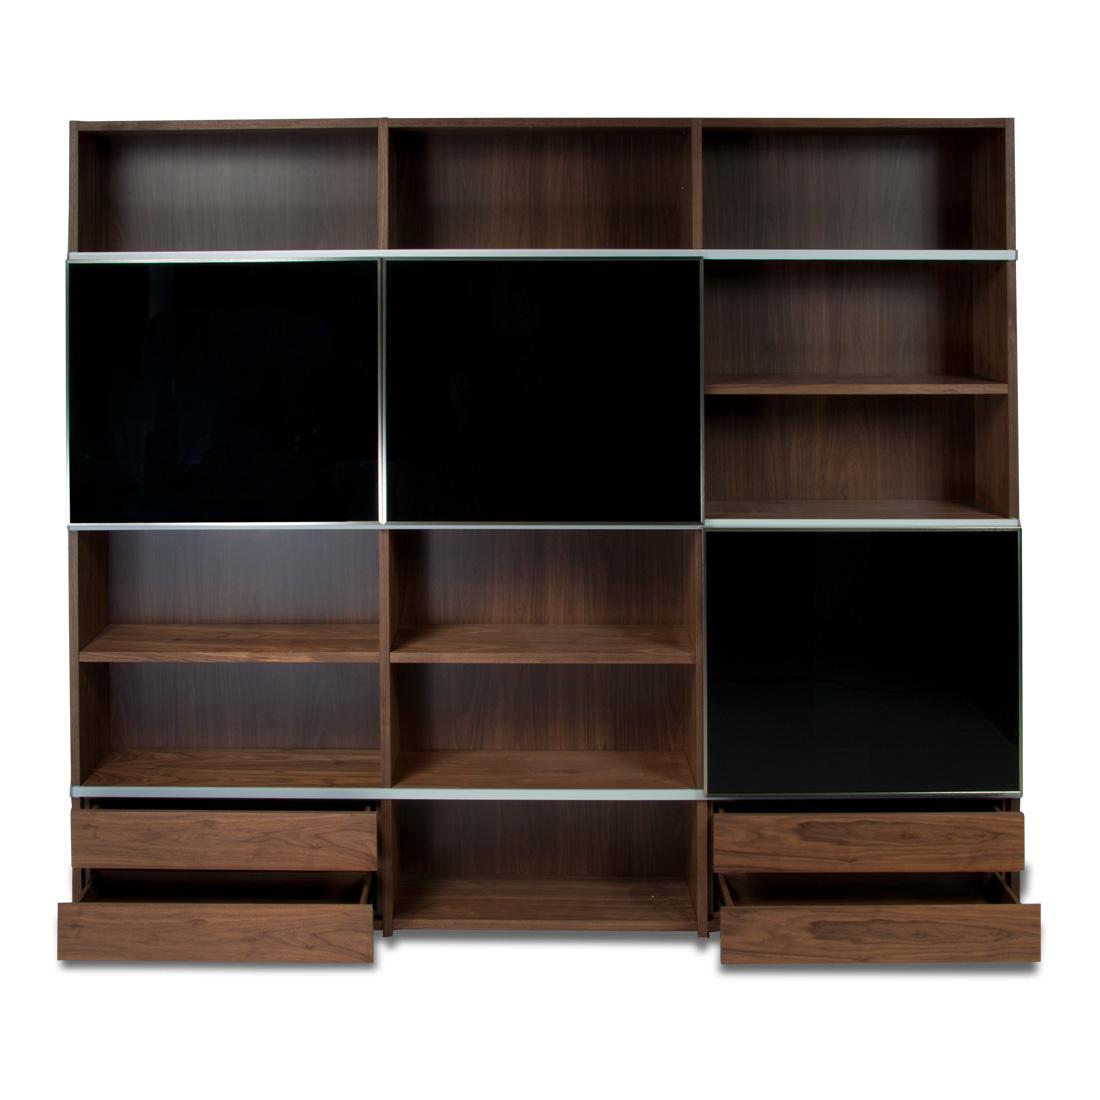 Estanter a de madera con varios compartimentos - Estanterias modulares madera ...